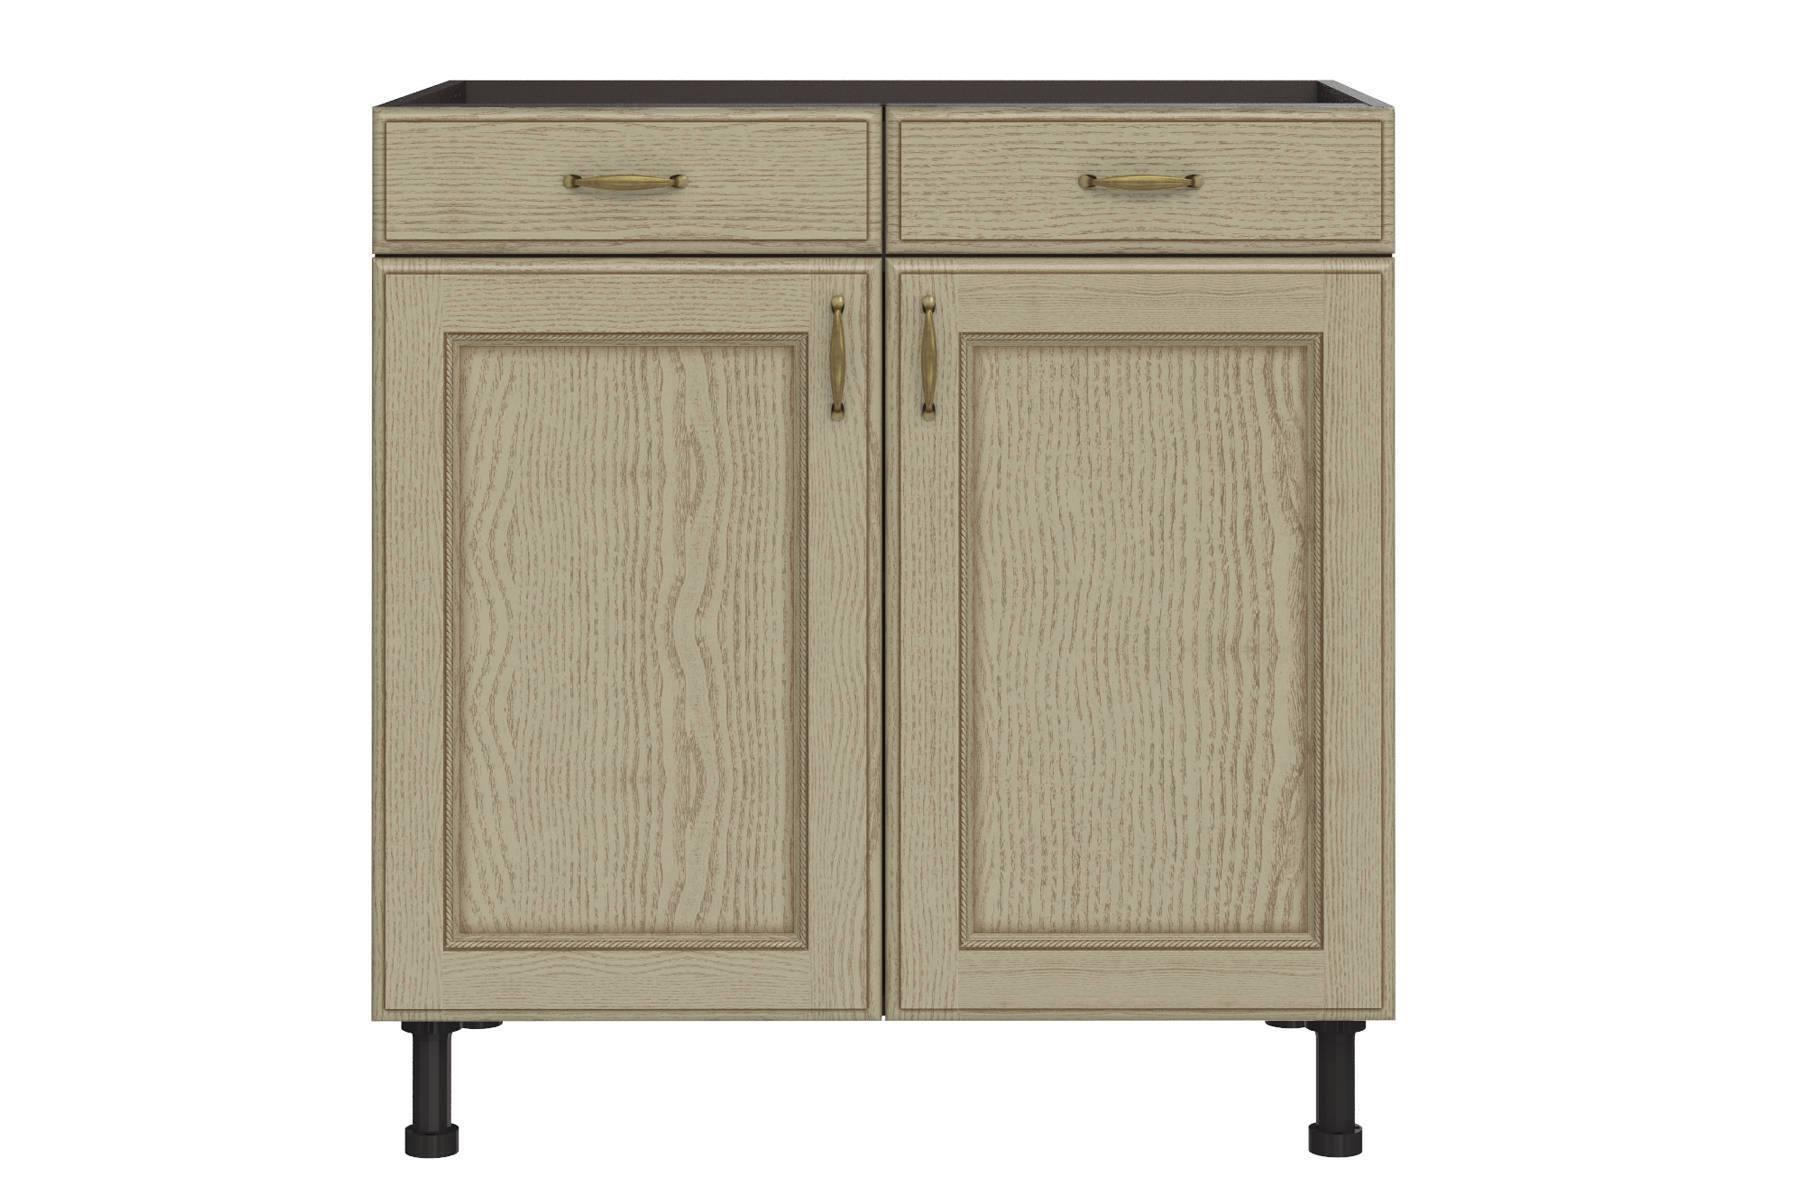 Эмилия шкаф напольный 2 ящика + 2 двери шкаф зодиак 2 распашные двери